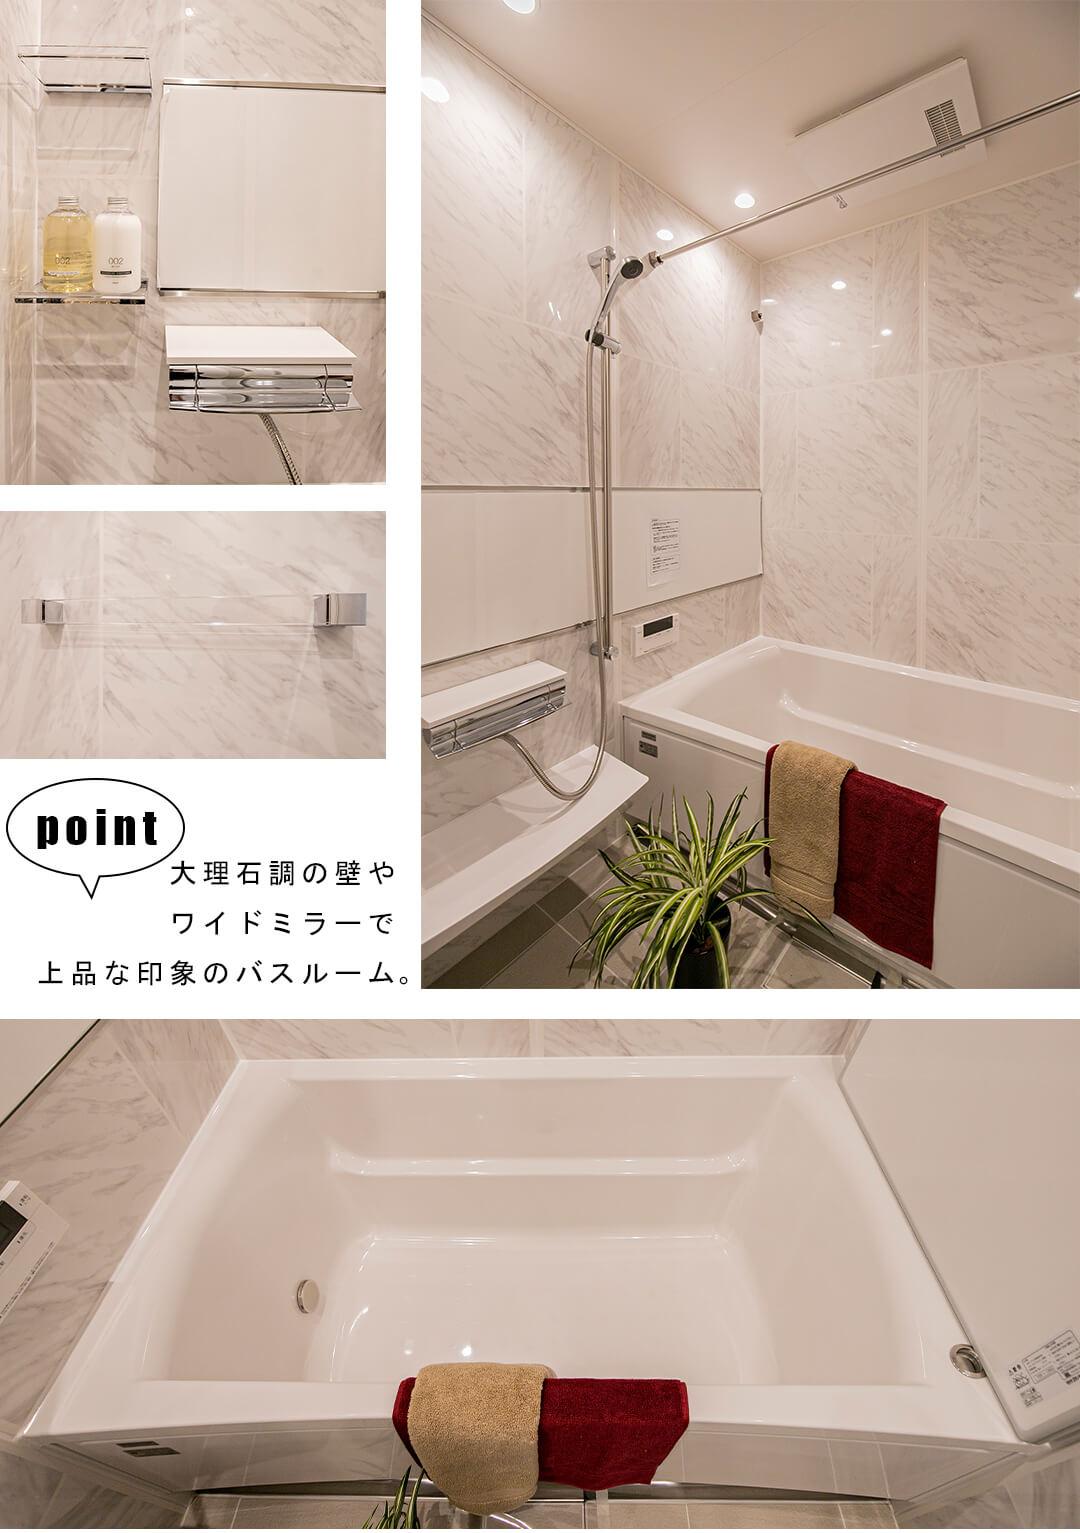 パラッシオ湯島の浴室